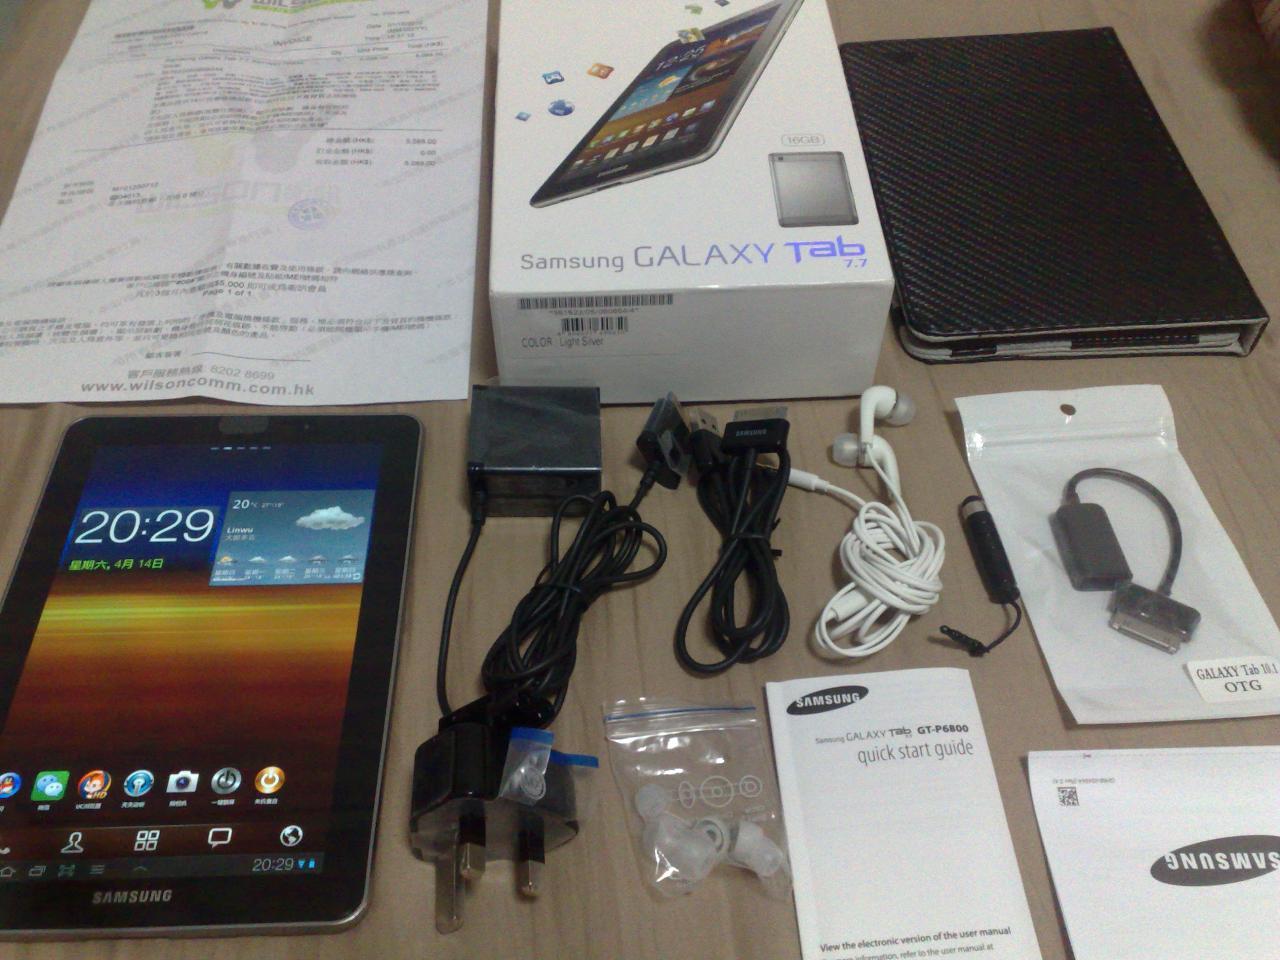 7.7寸巨型平板电脑手机P6800,1月15日香港